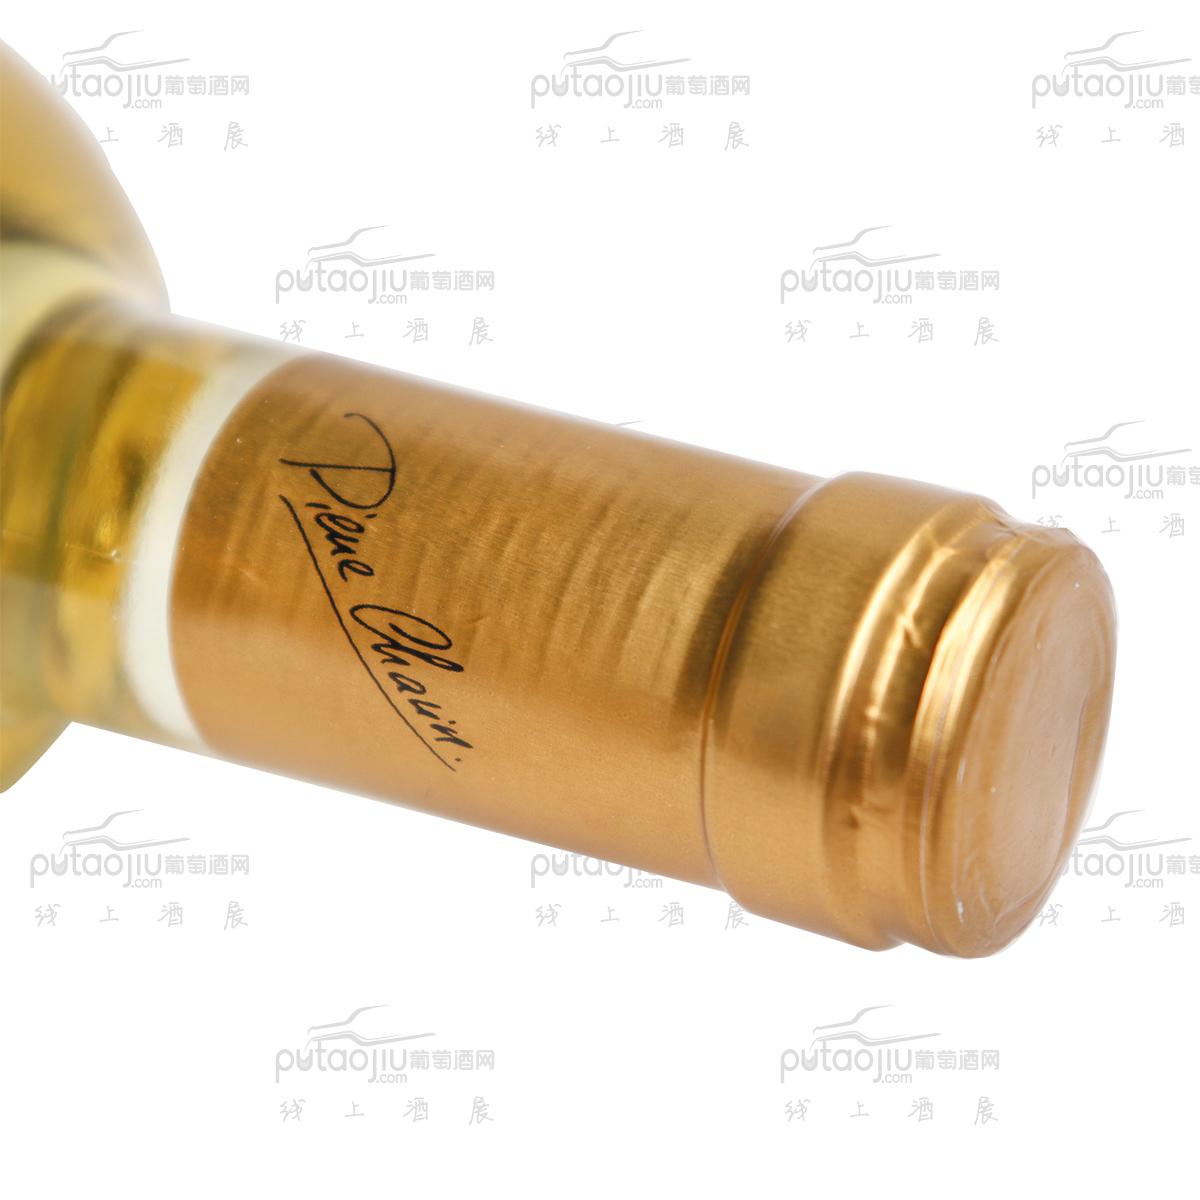 法国南部夏凡酒庄维泽尼亚混酿VDF半甜白葡萄酒